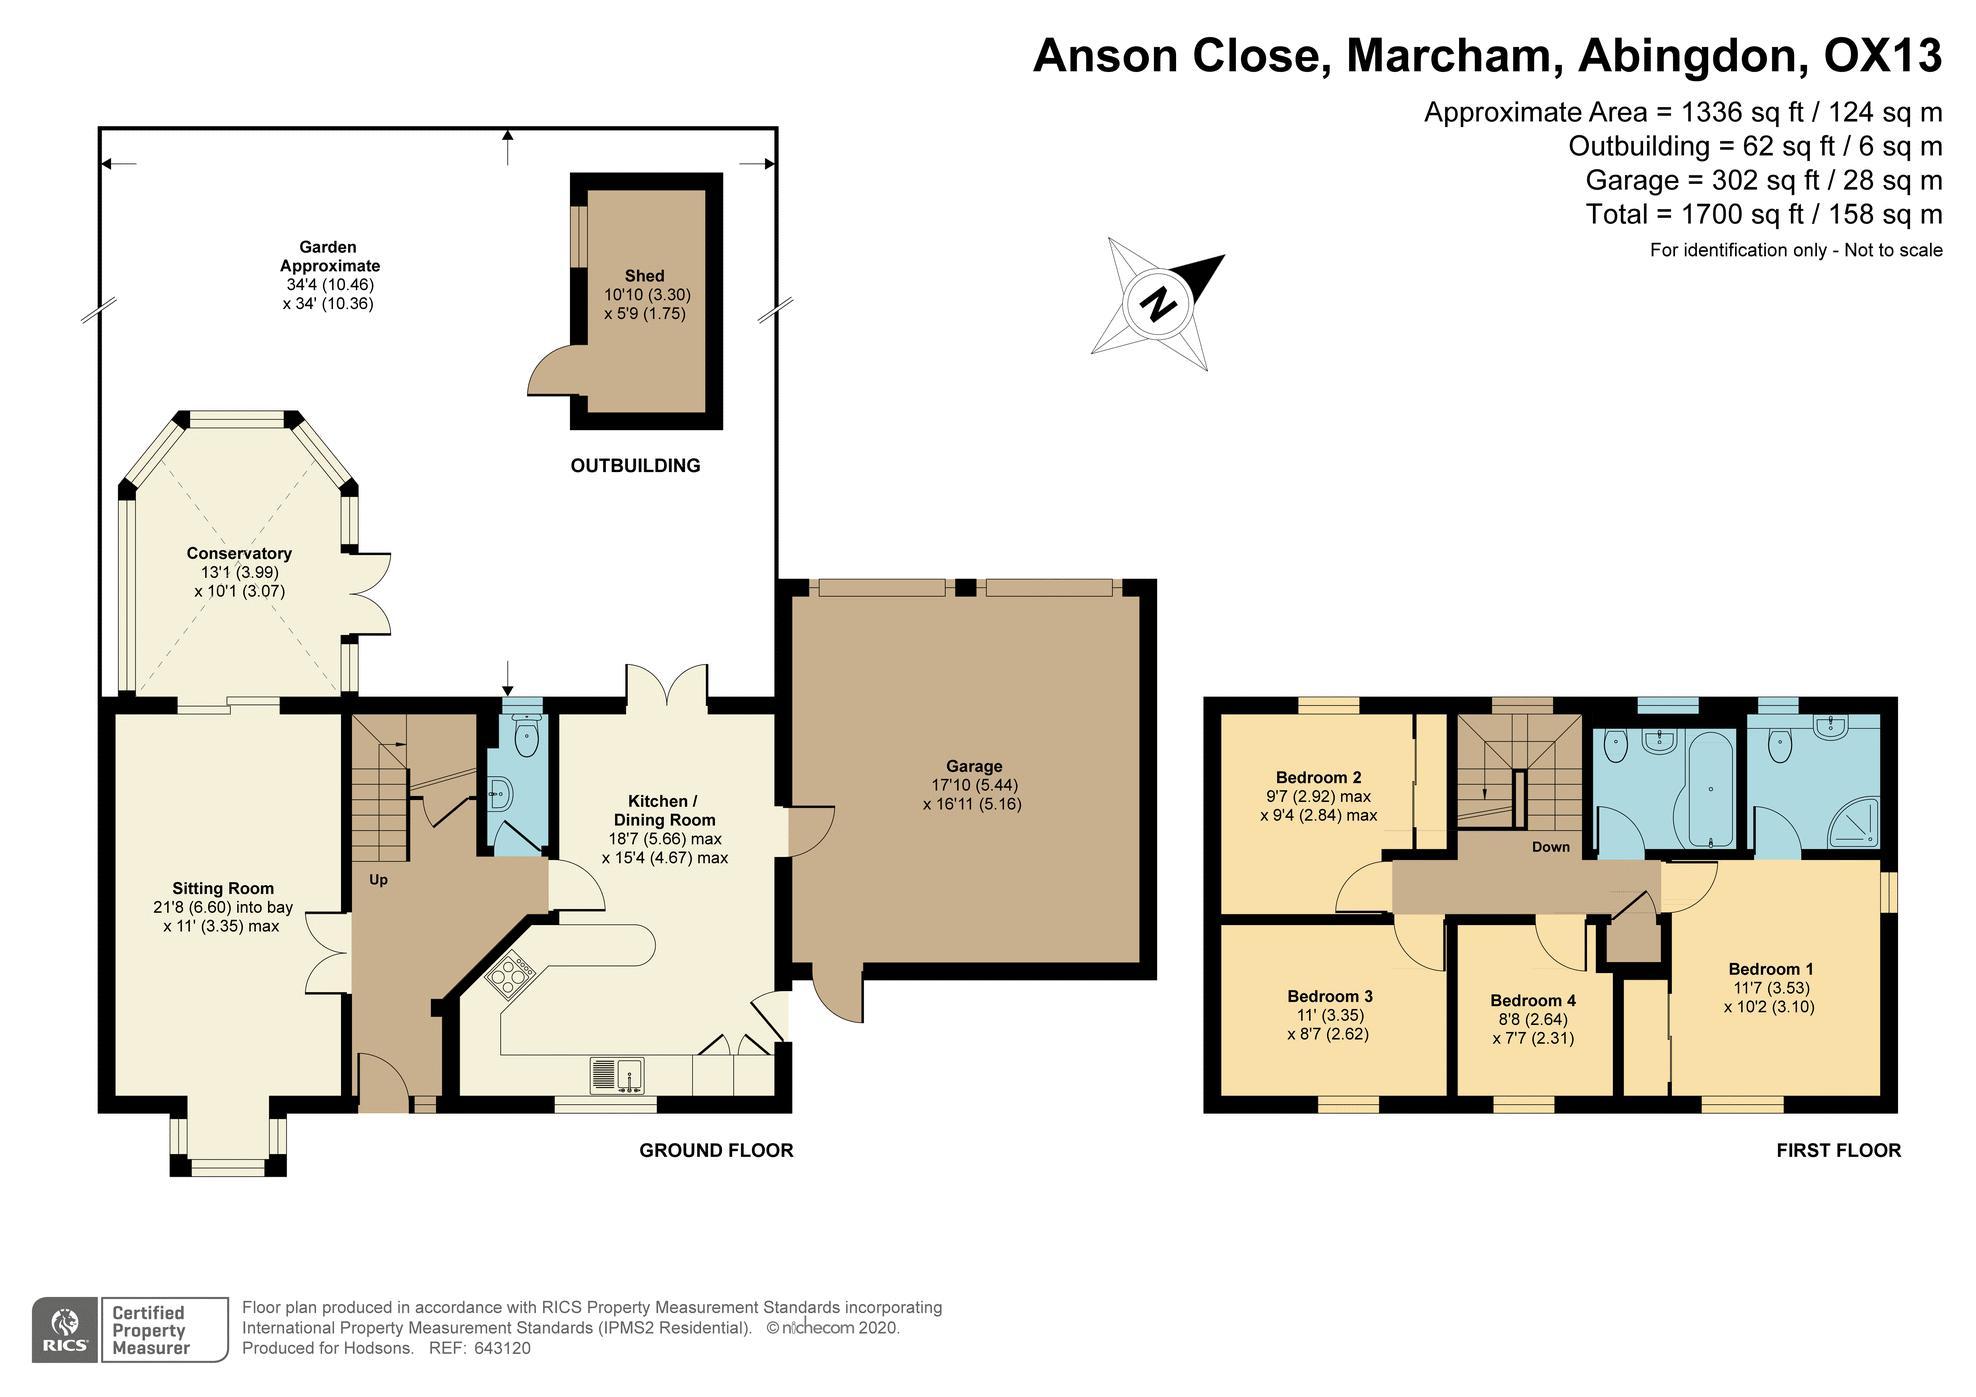 Anson Close Marcham